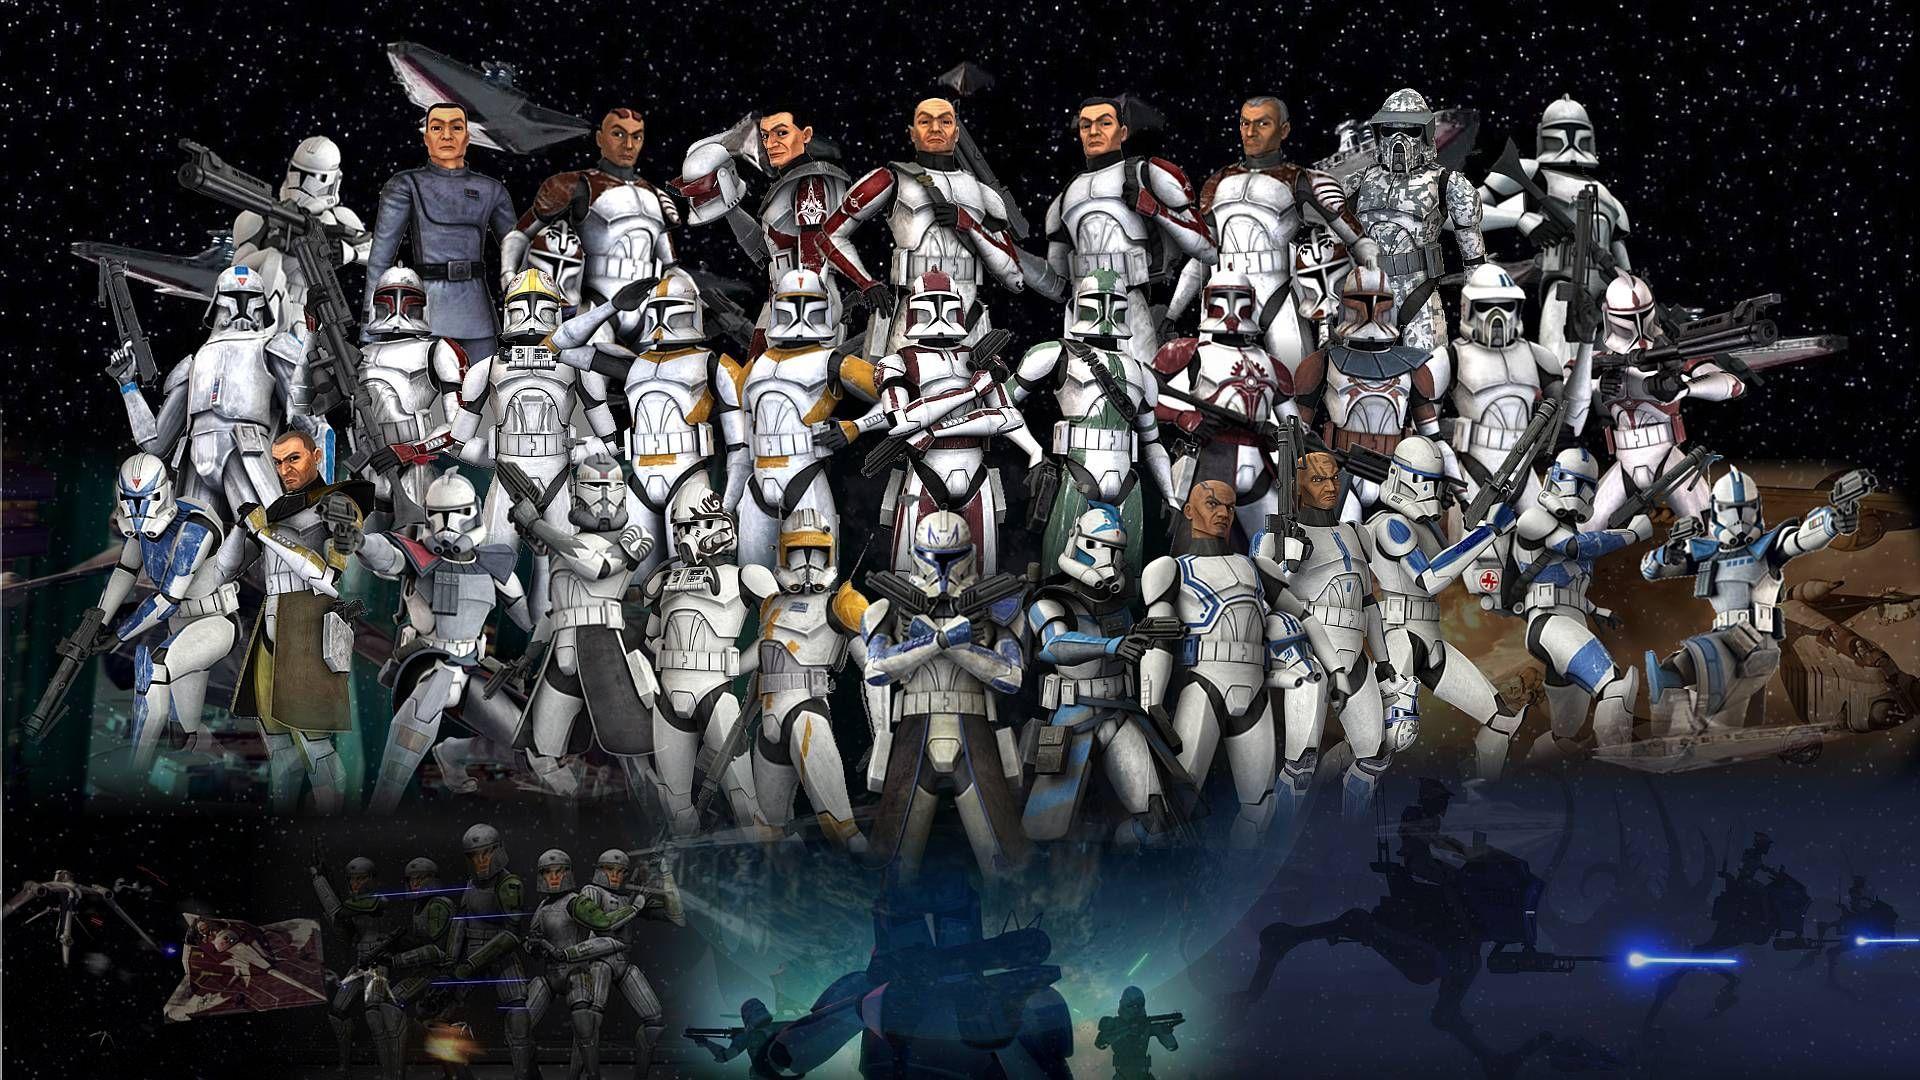 12963 - ¿Reconoces a estos soldados clon?